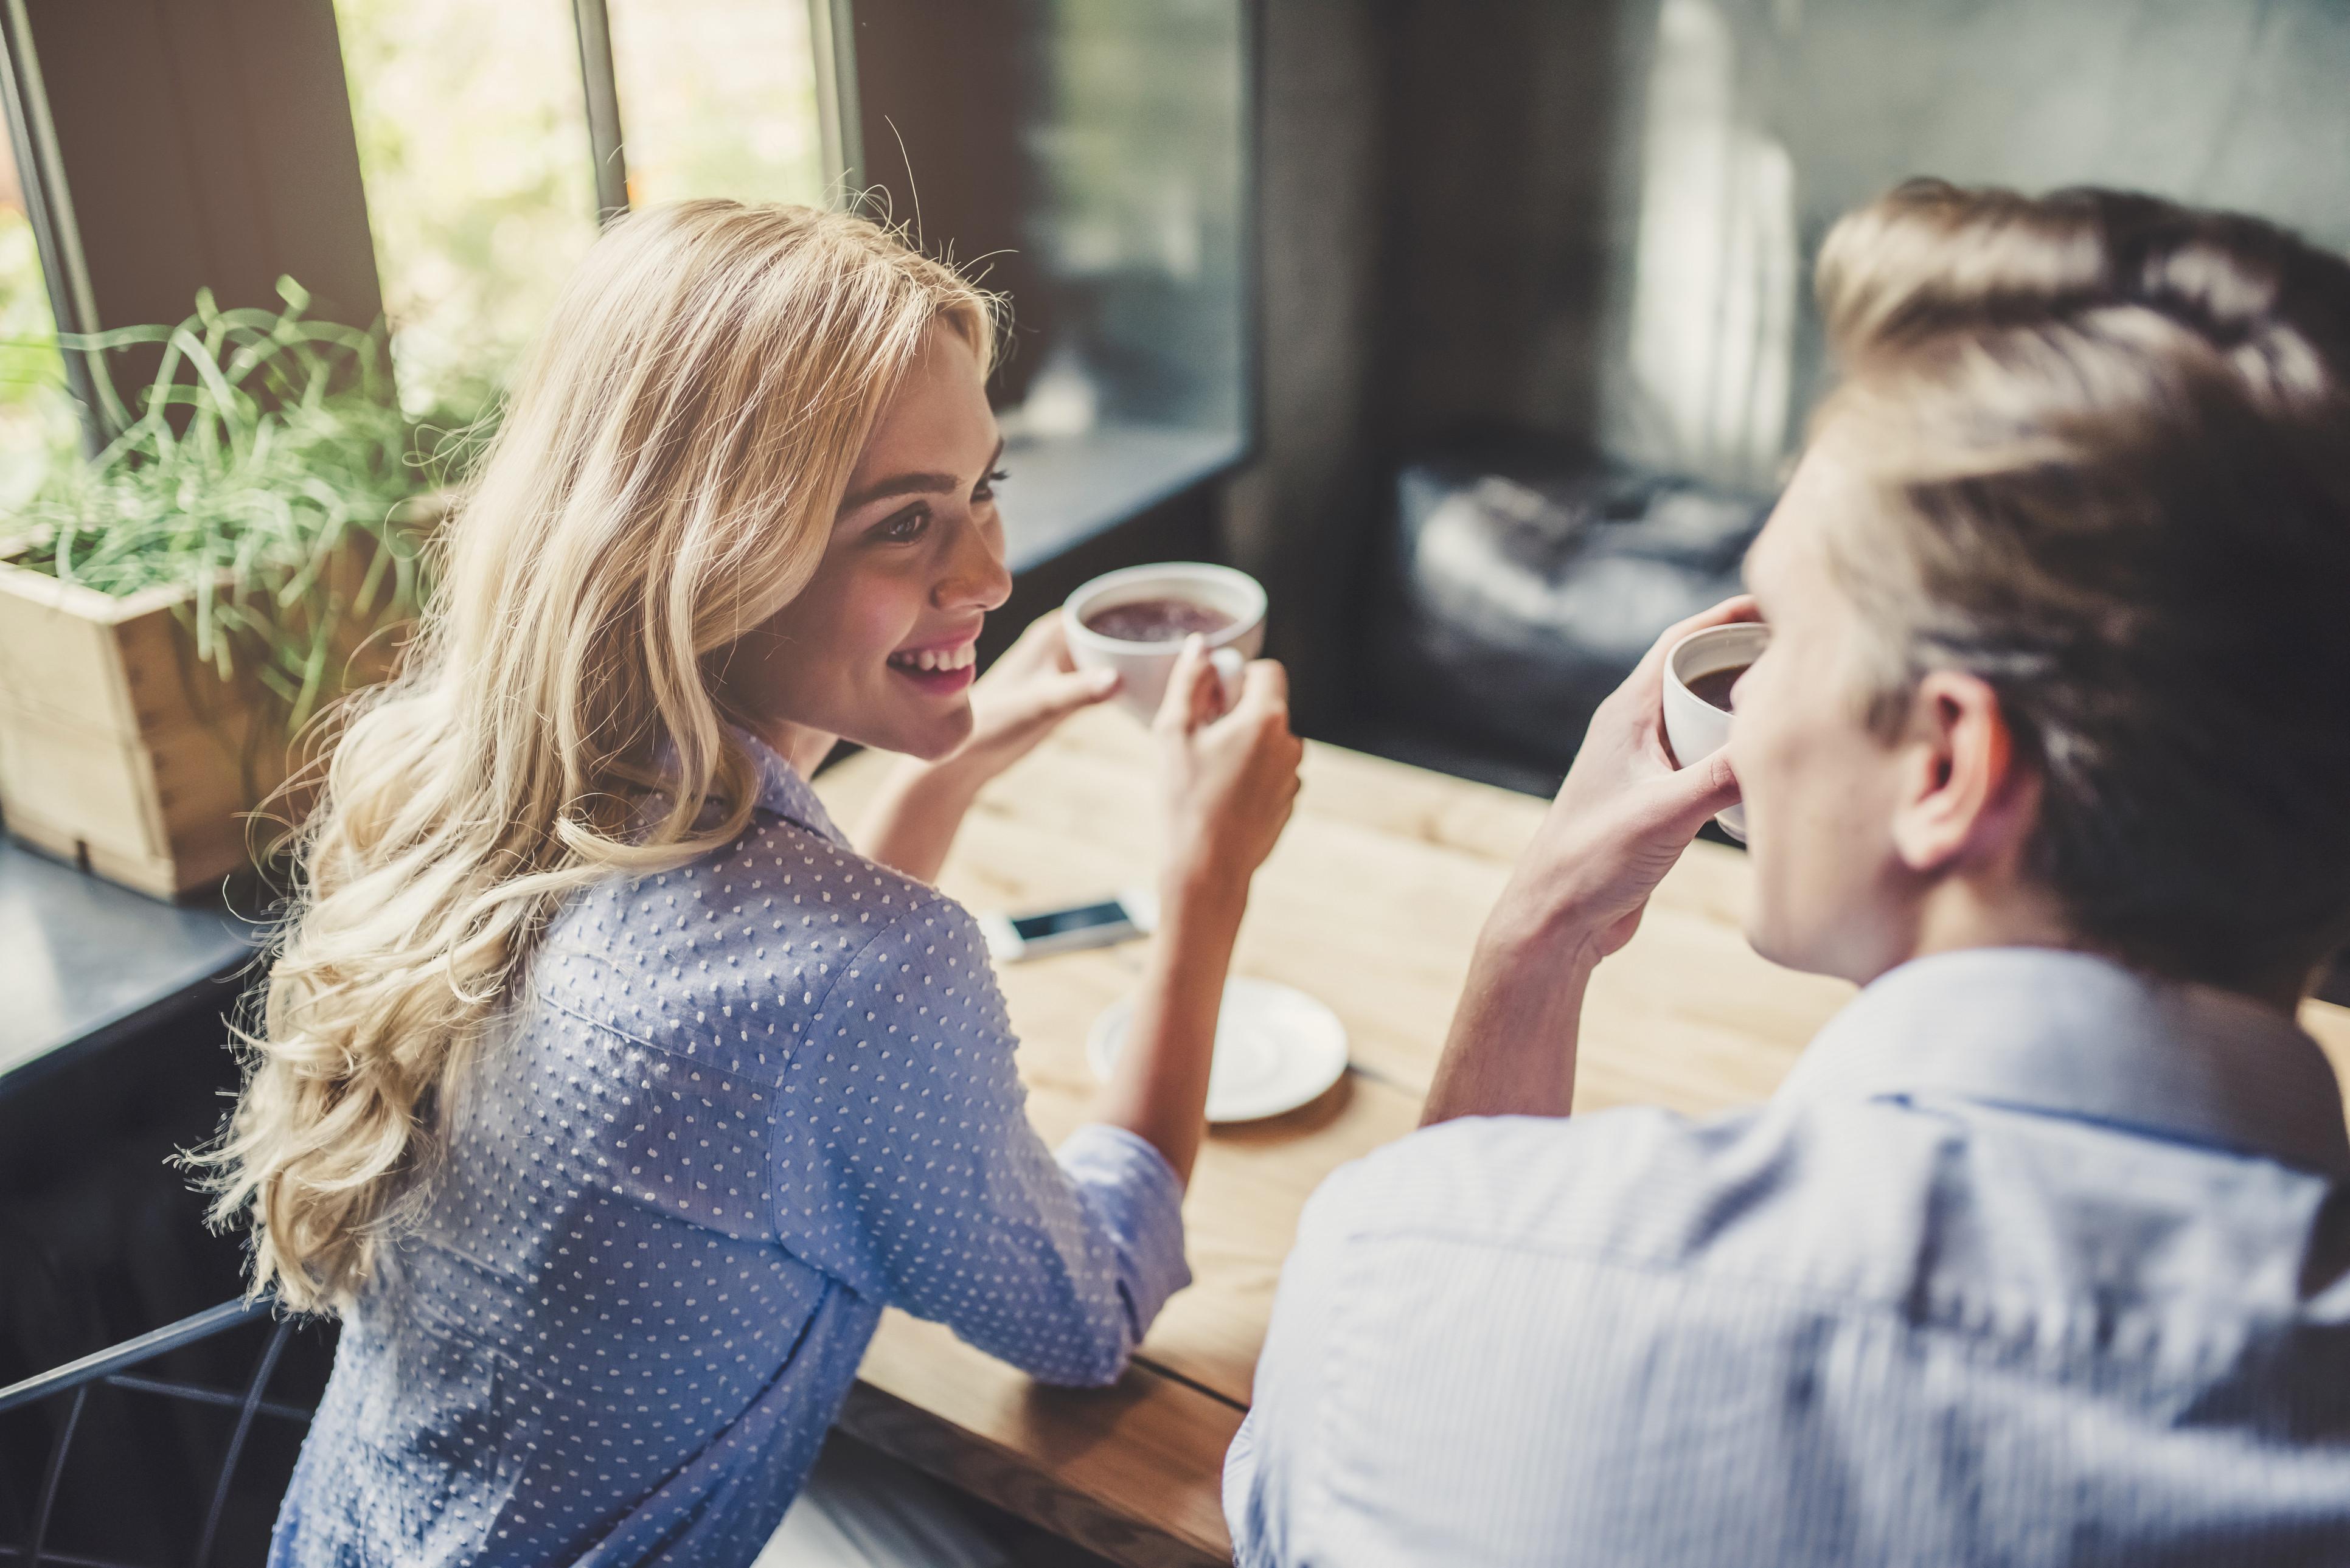 Entenda como o café descafeinado pode ter efeitos negativos na saúde